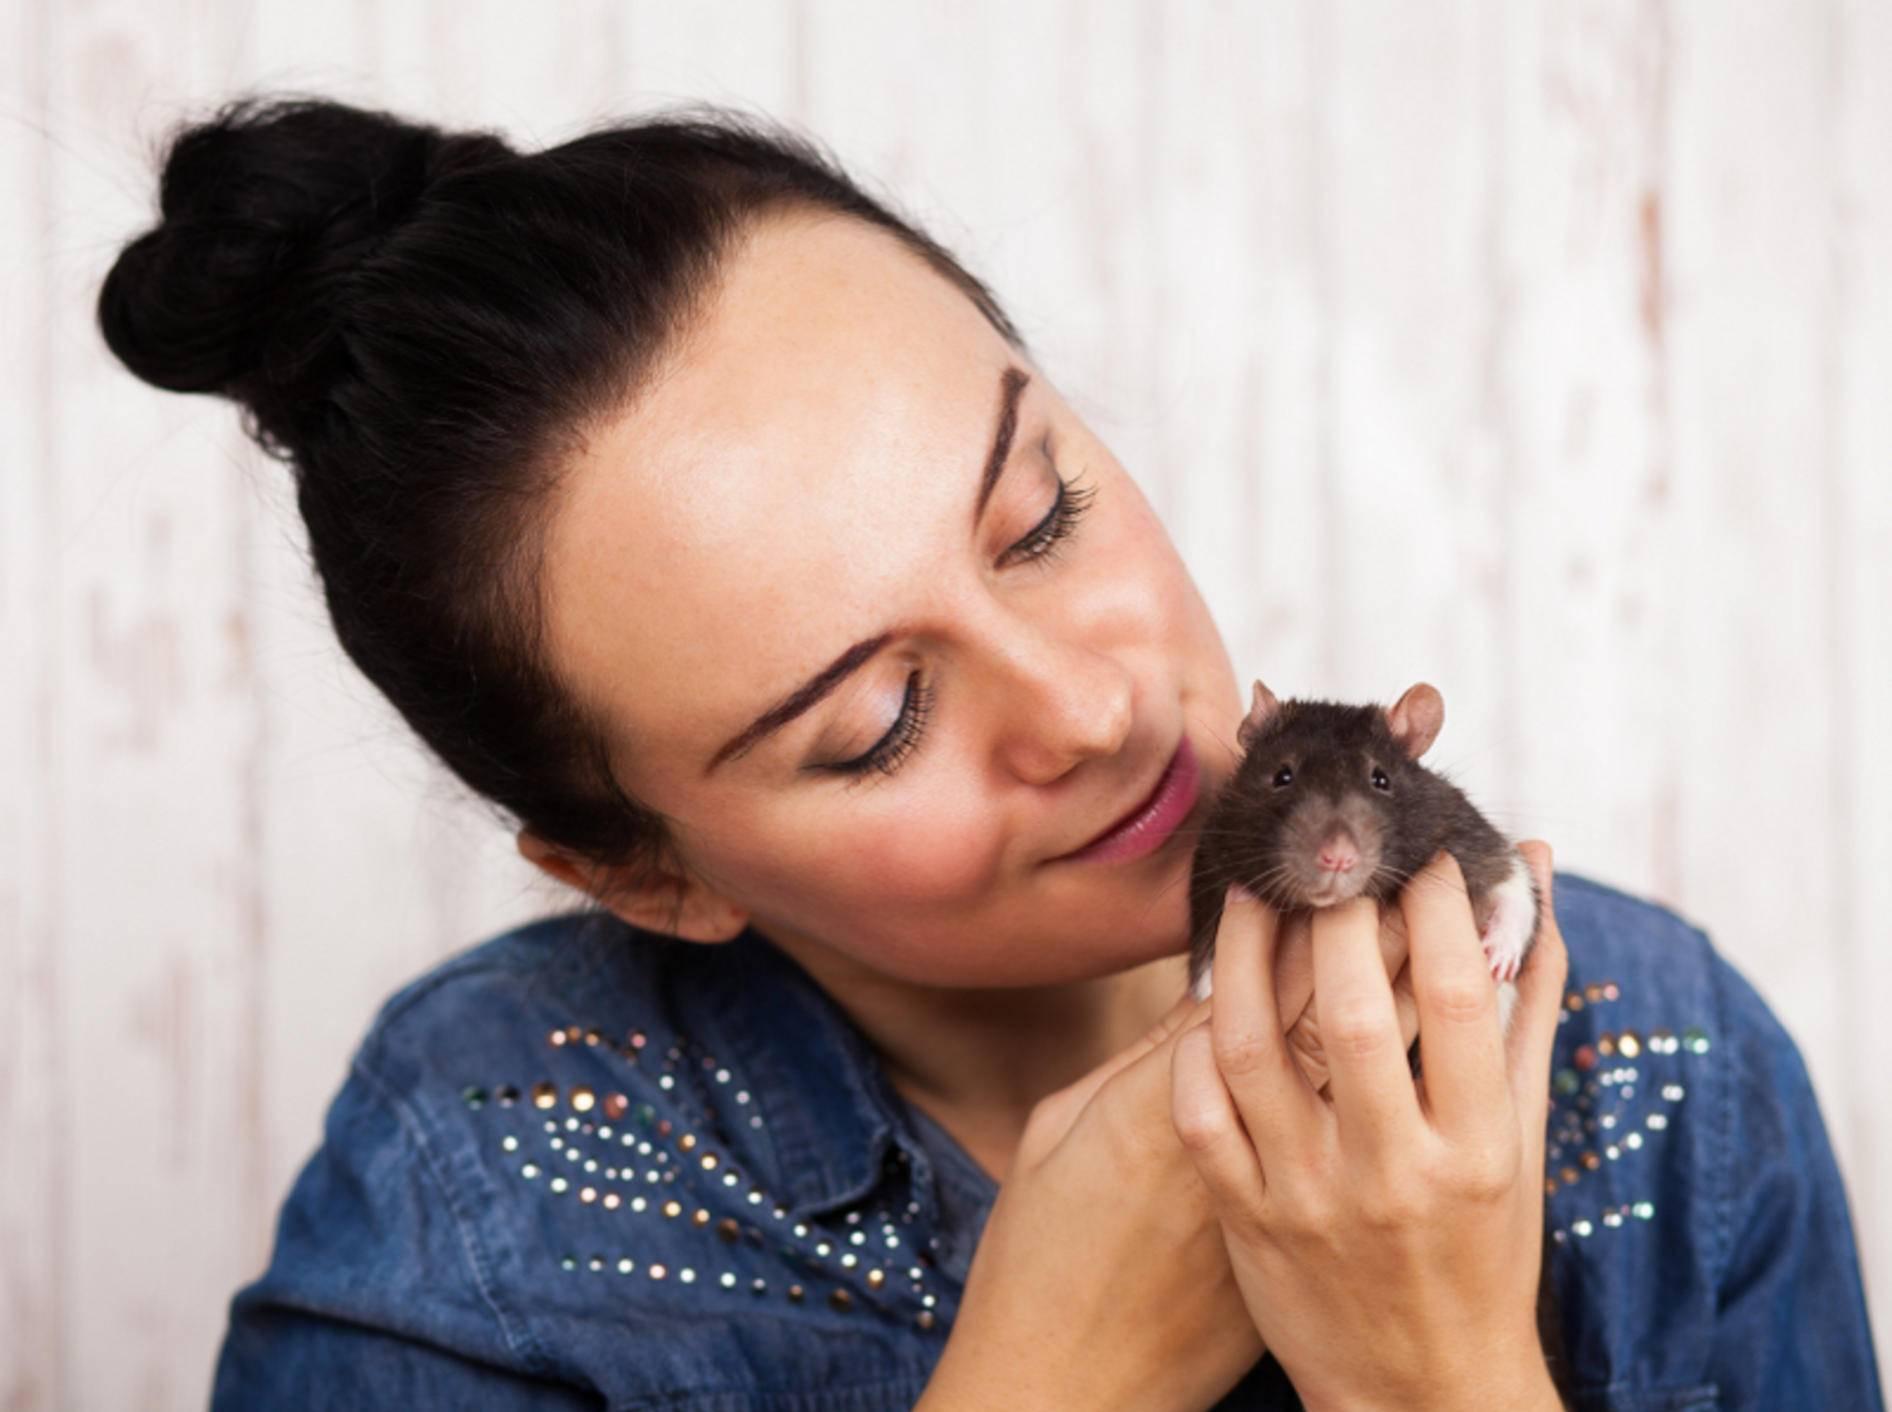 Wenn Ihre Ratten es mögen: Streicheleinheiten sind ebenfalls sehr wichtig für die Nager – Shutterstock / George Dolgikh